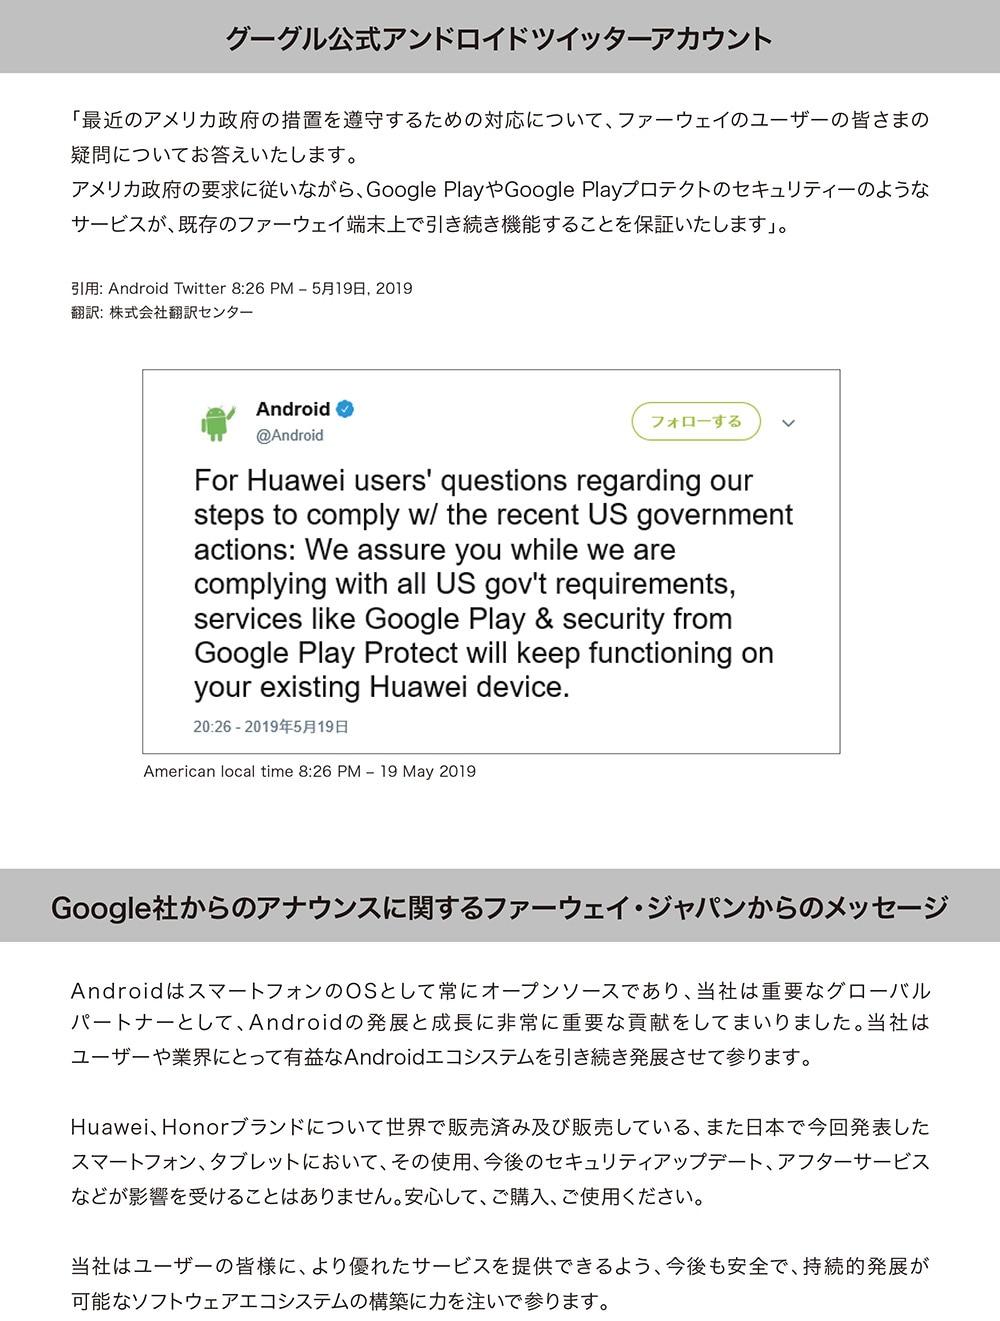 グーグル公式アンドロイドツイッターアカウント,Google社からのアナウンスに関するファーウェイ・ジャパンからのメッセージ